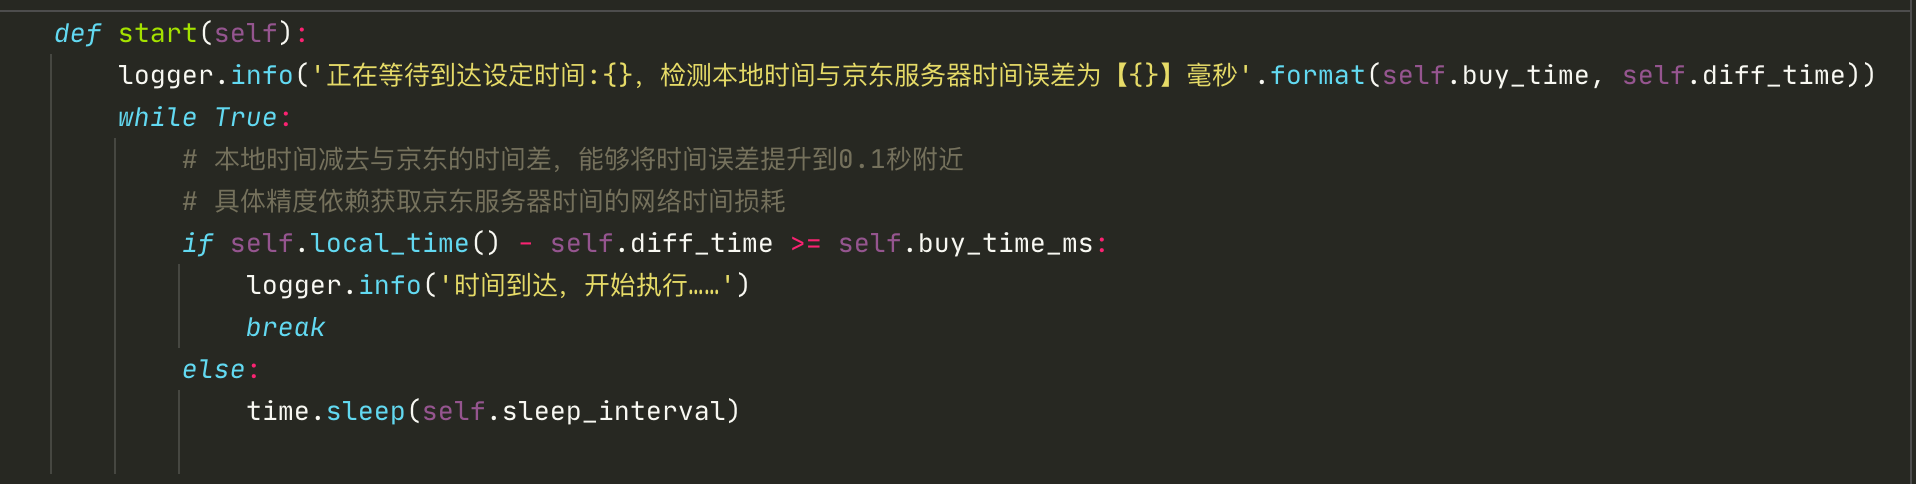 大佬开源 Python 版本「抢茅台脚本」,火了插图(4)